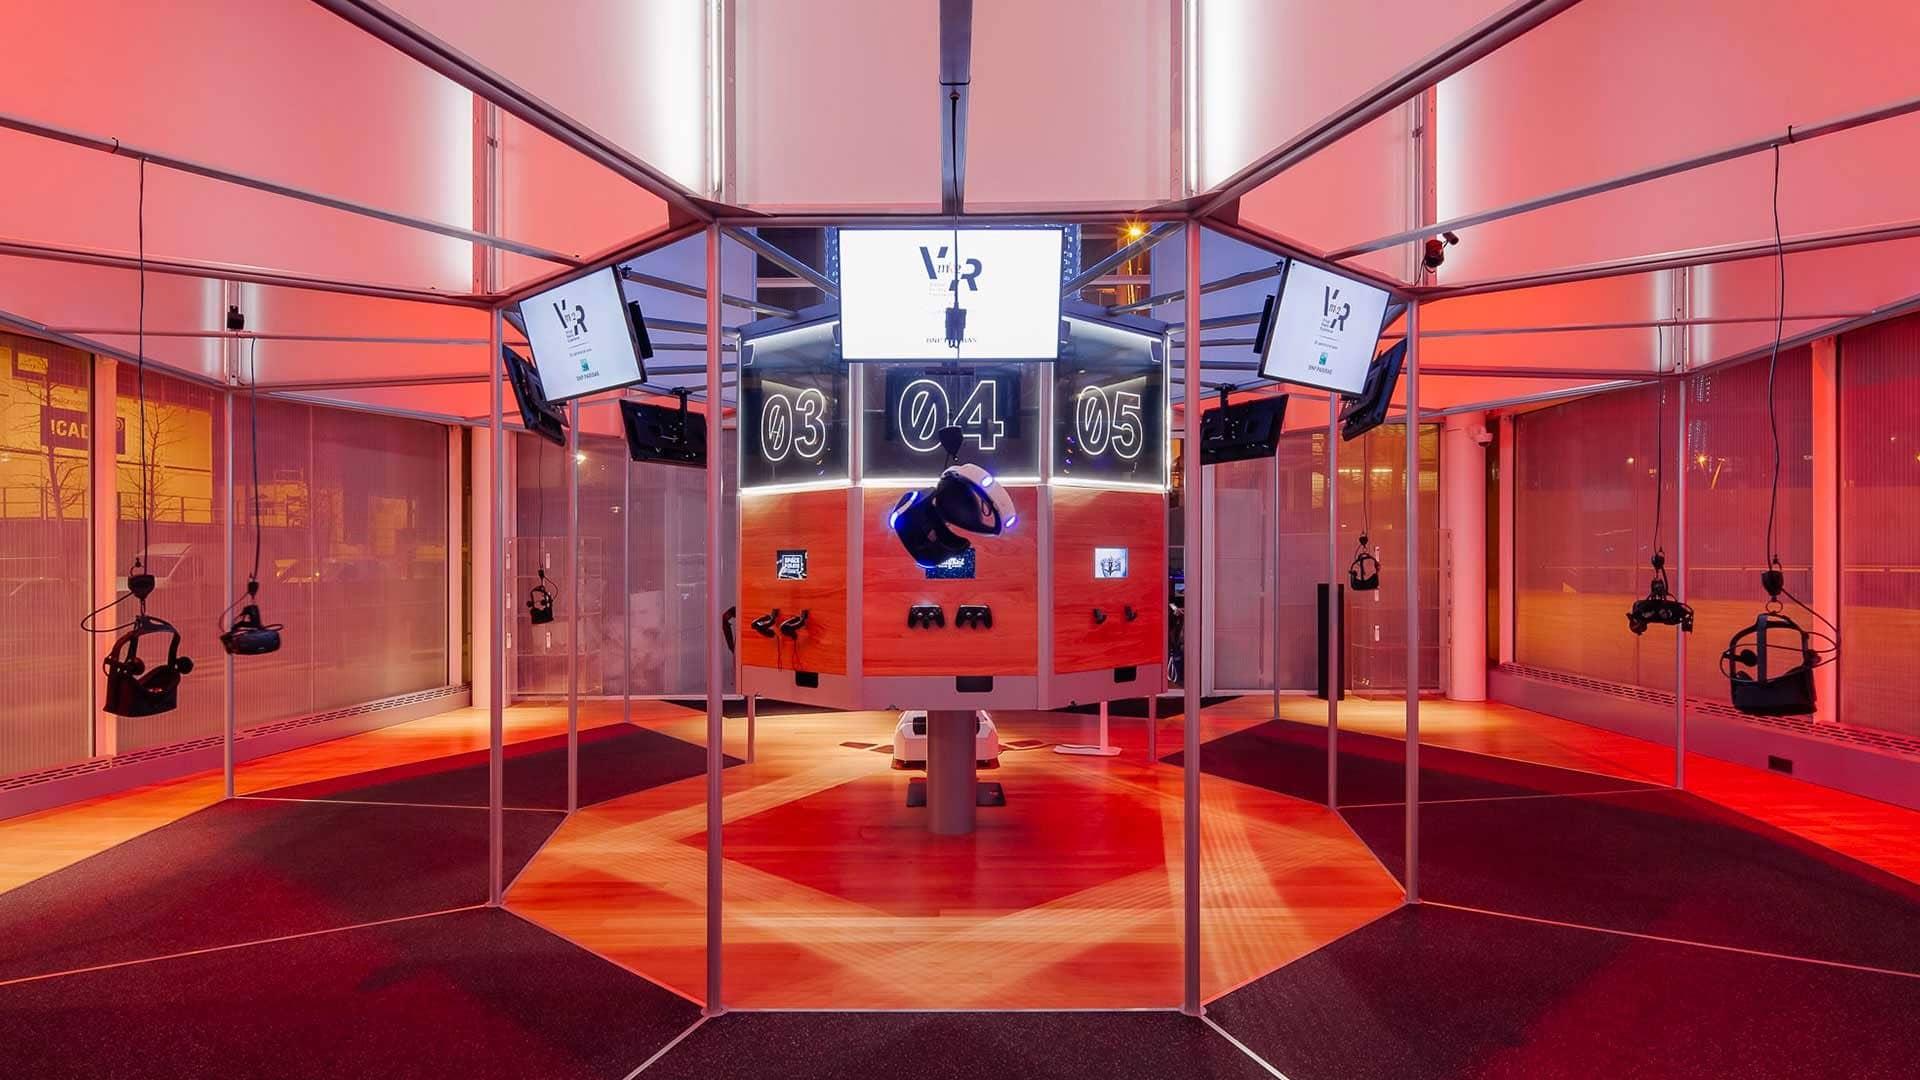 réalité virtuelle mk2vr